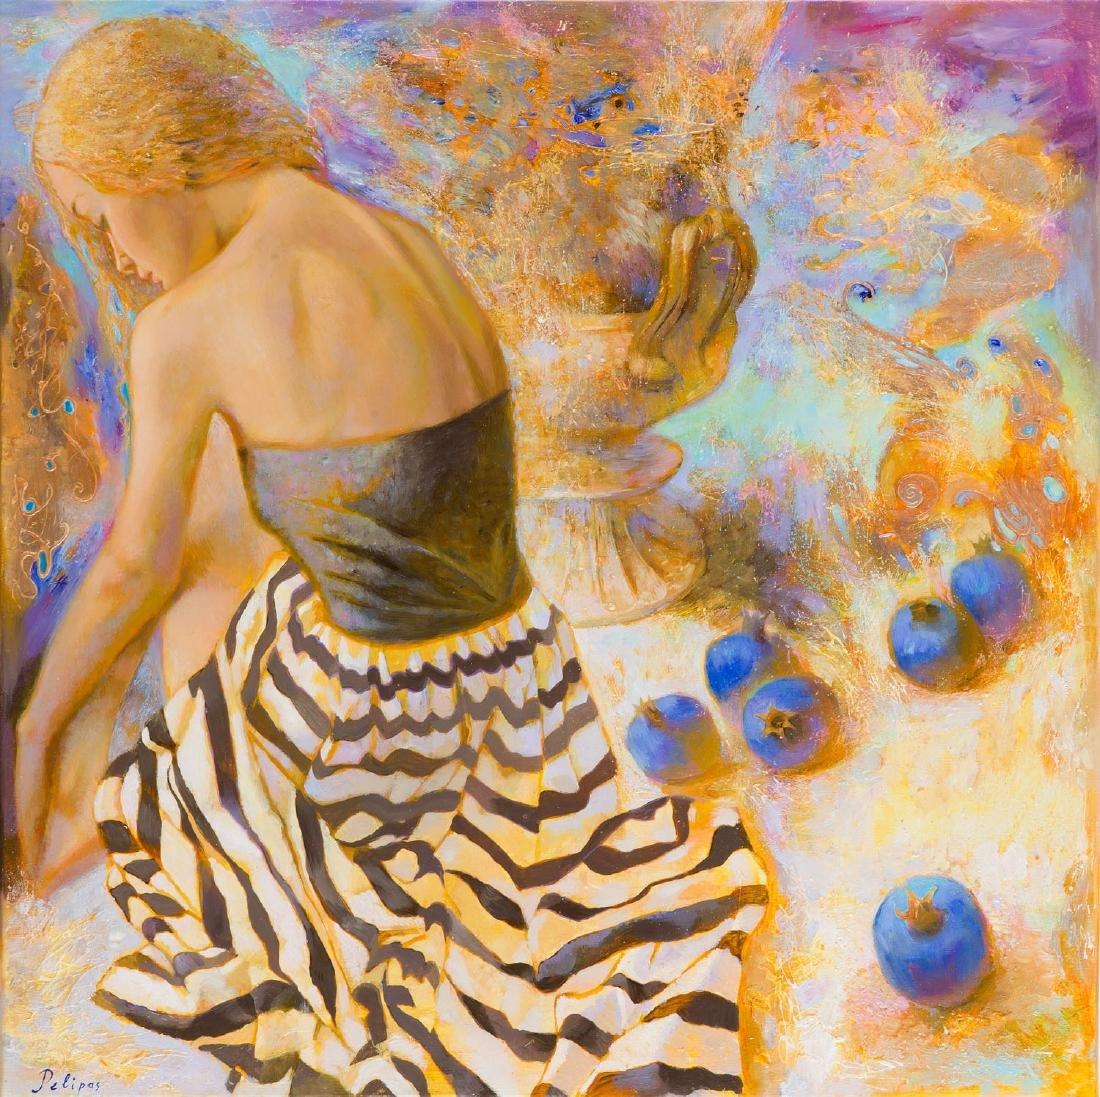 Olga Pelipas (b. 1988), The Blue Mood, 2017